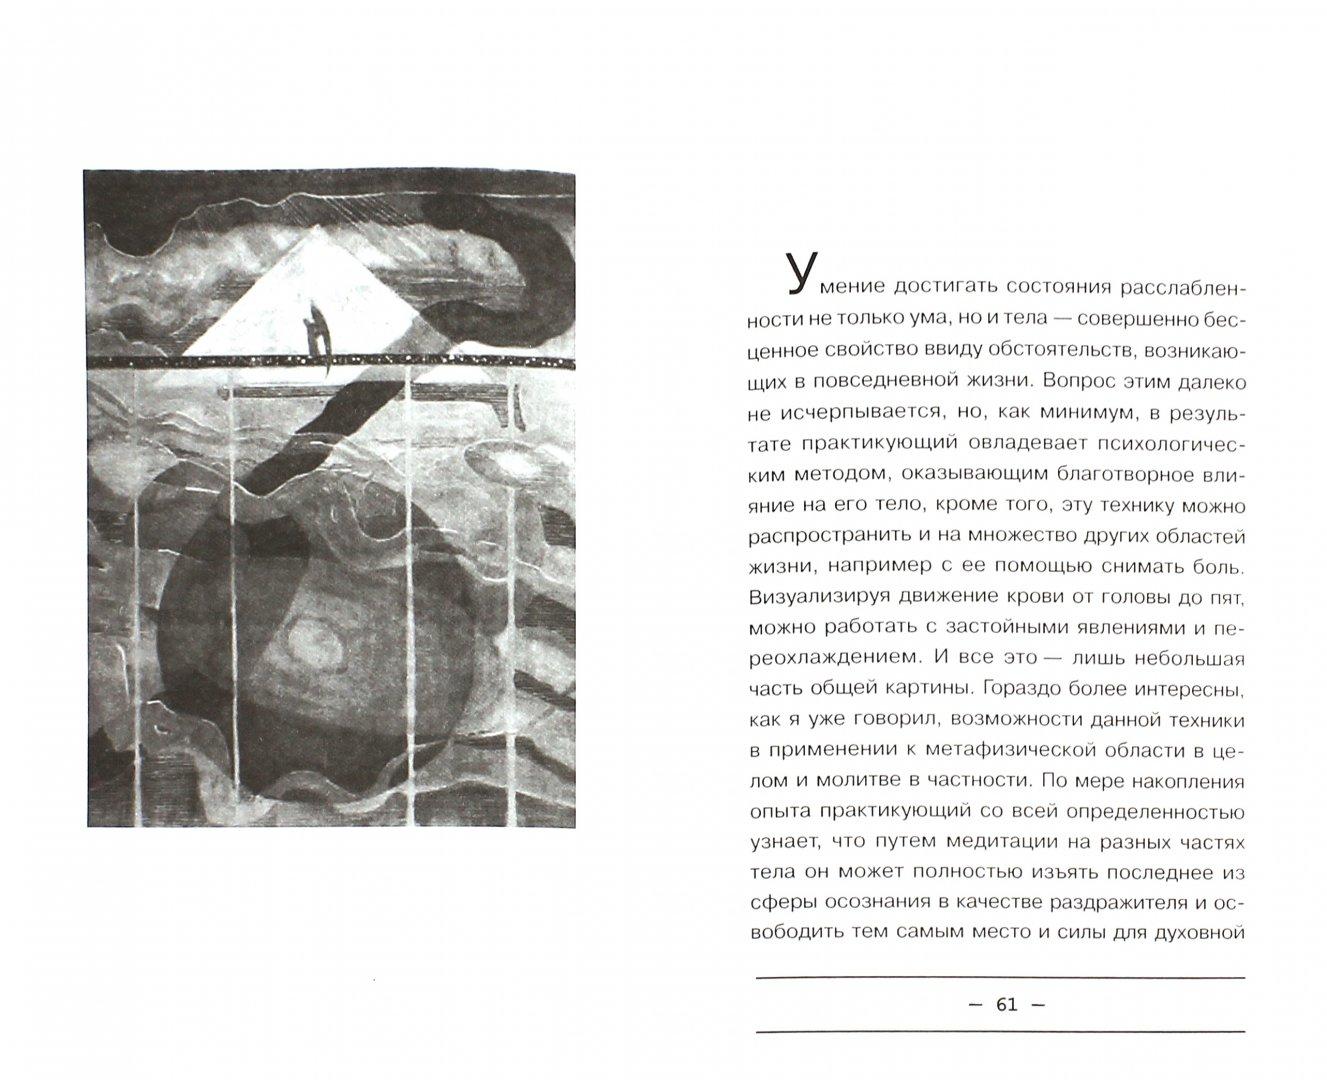 Иллюстрация 1 из 24 для Целительная сила, молитва и релаксация - Израэль Регарди | Лабиринт - книги. Источник: Лабиринт